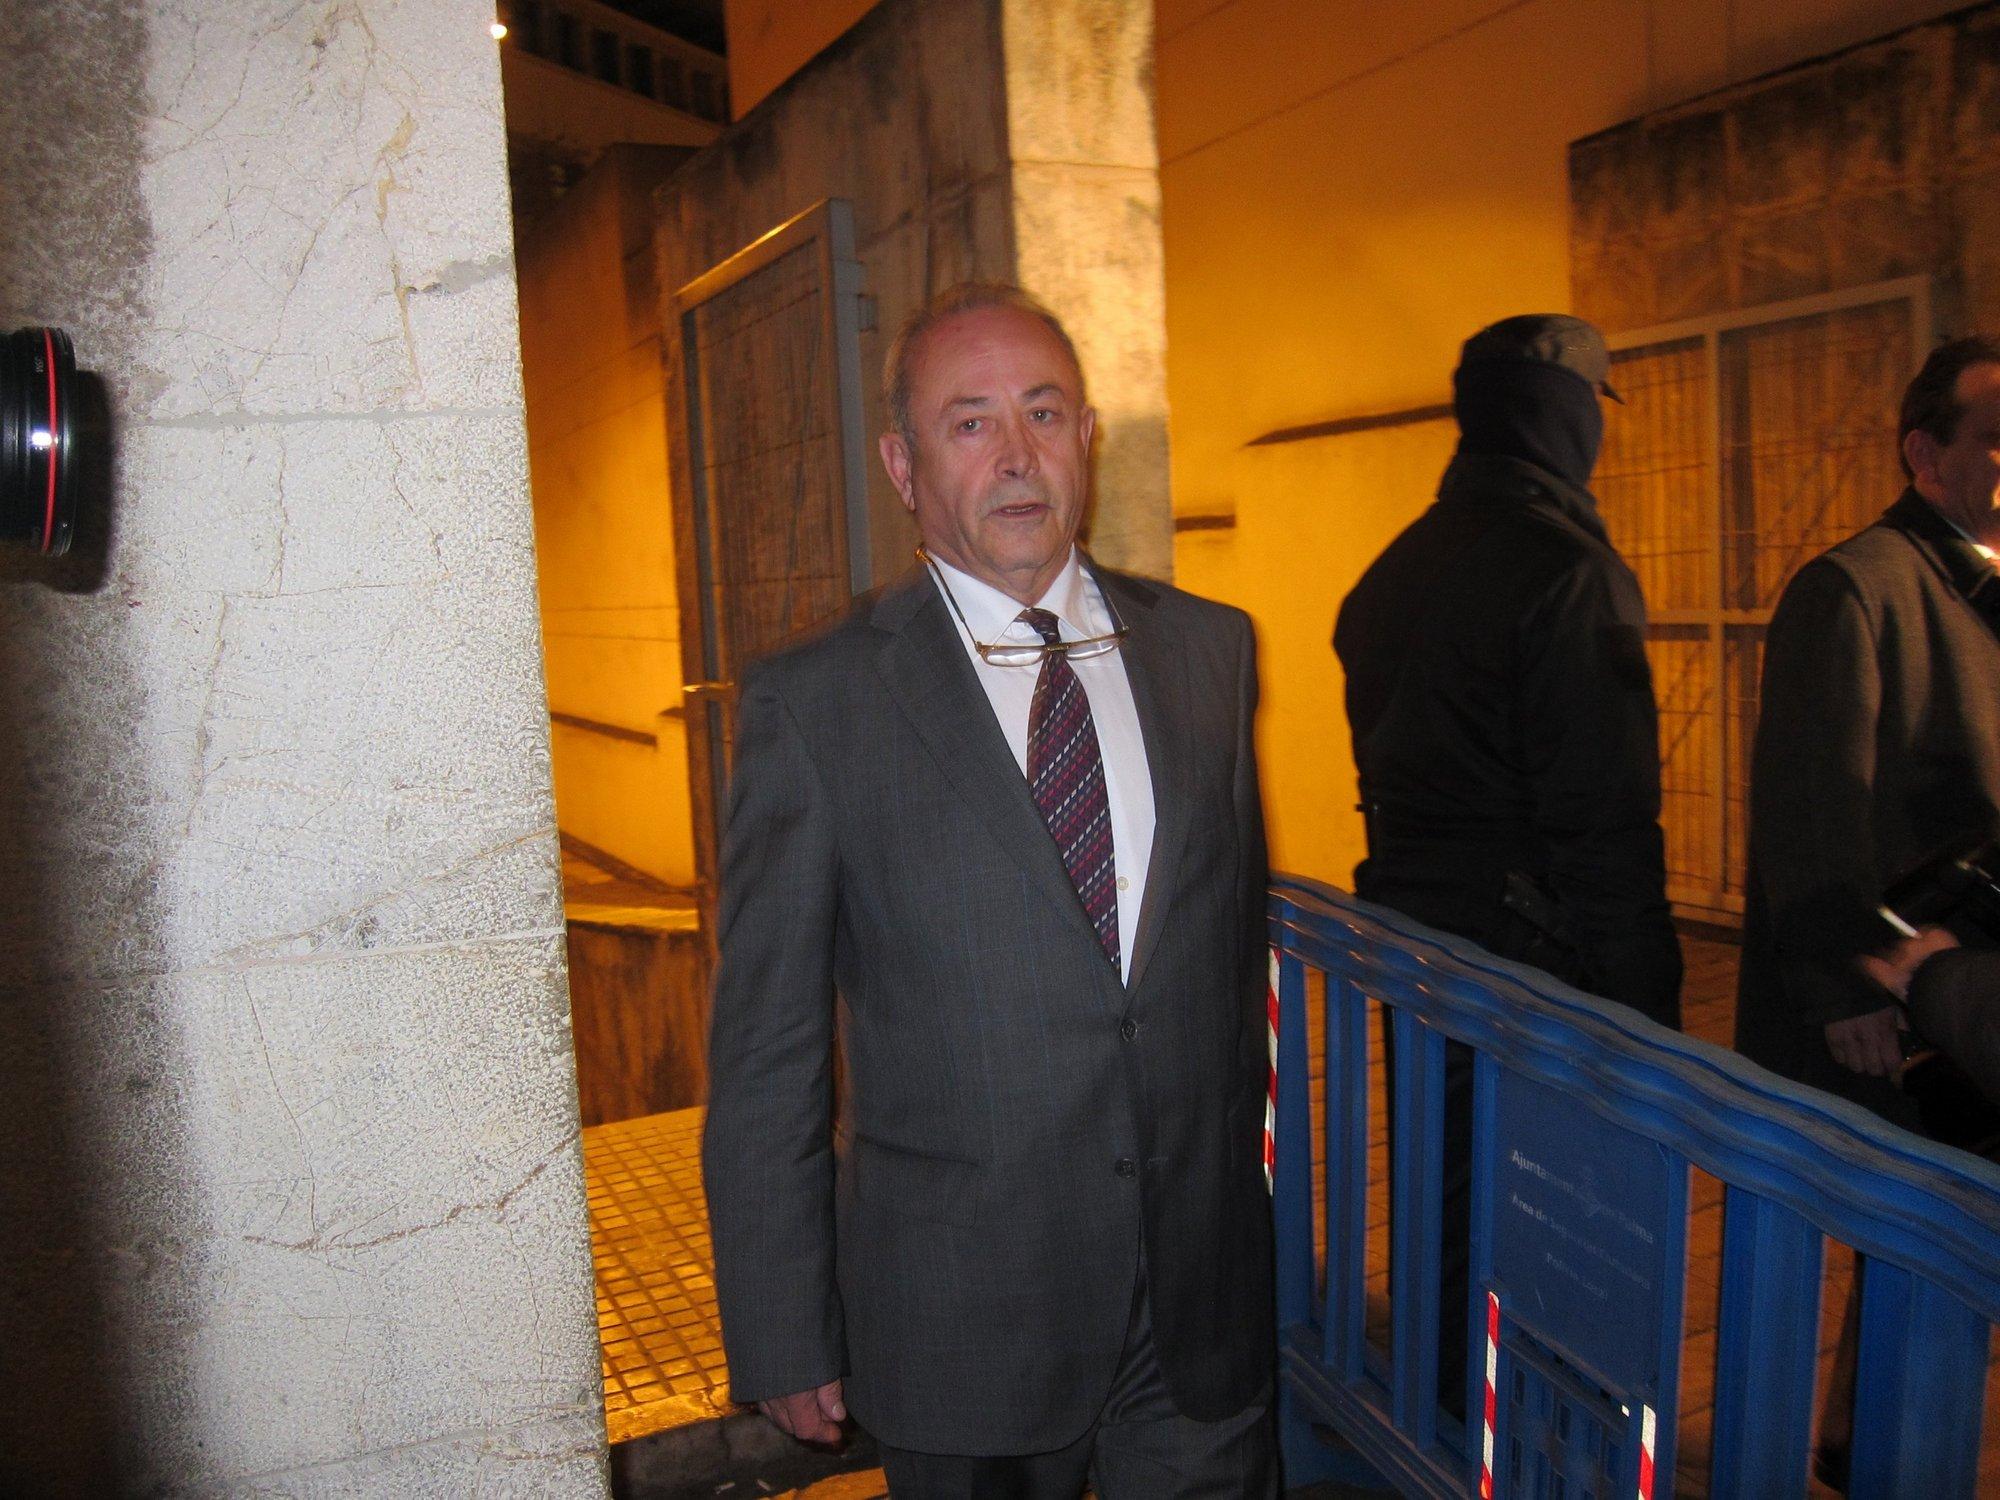 El CGPJ archiva las diligencias contra el juez Castro por las filtraciones